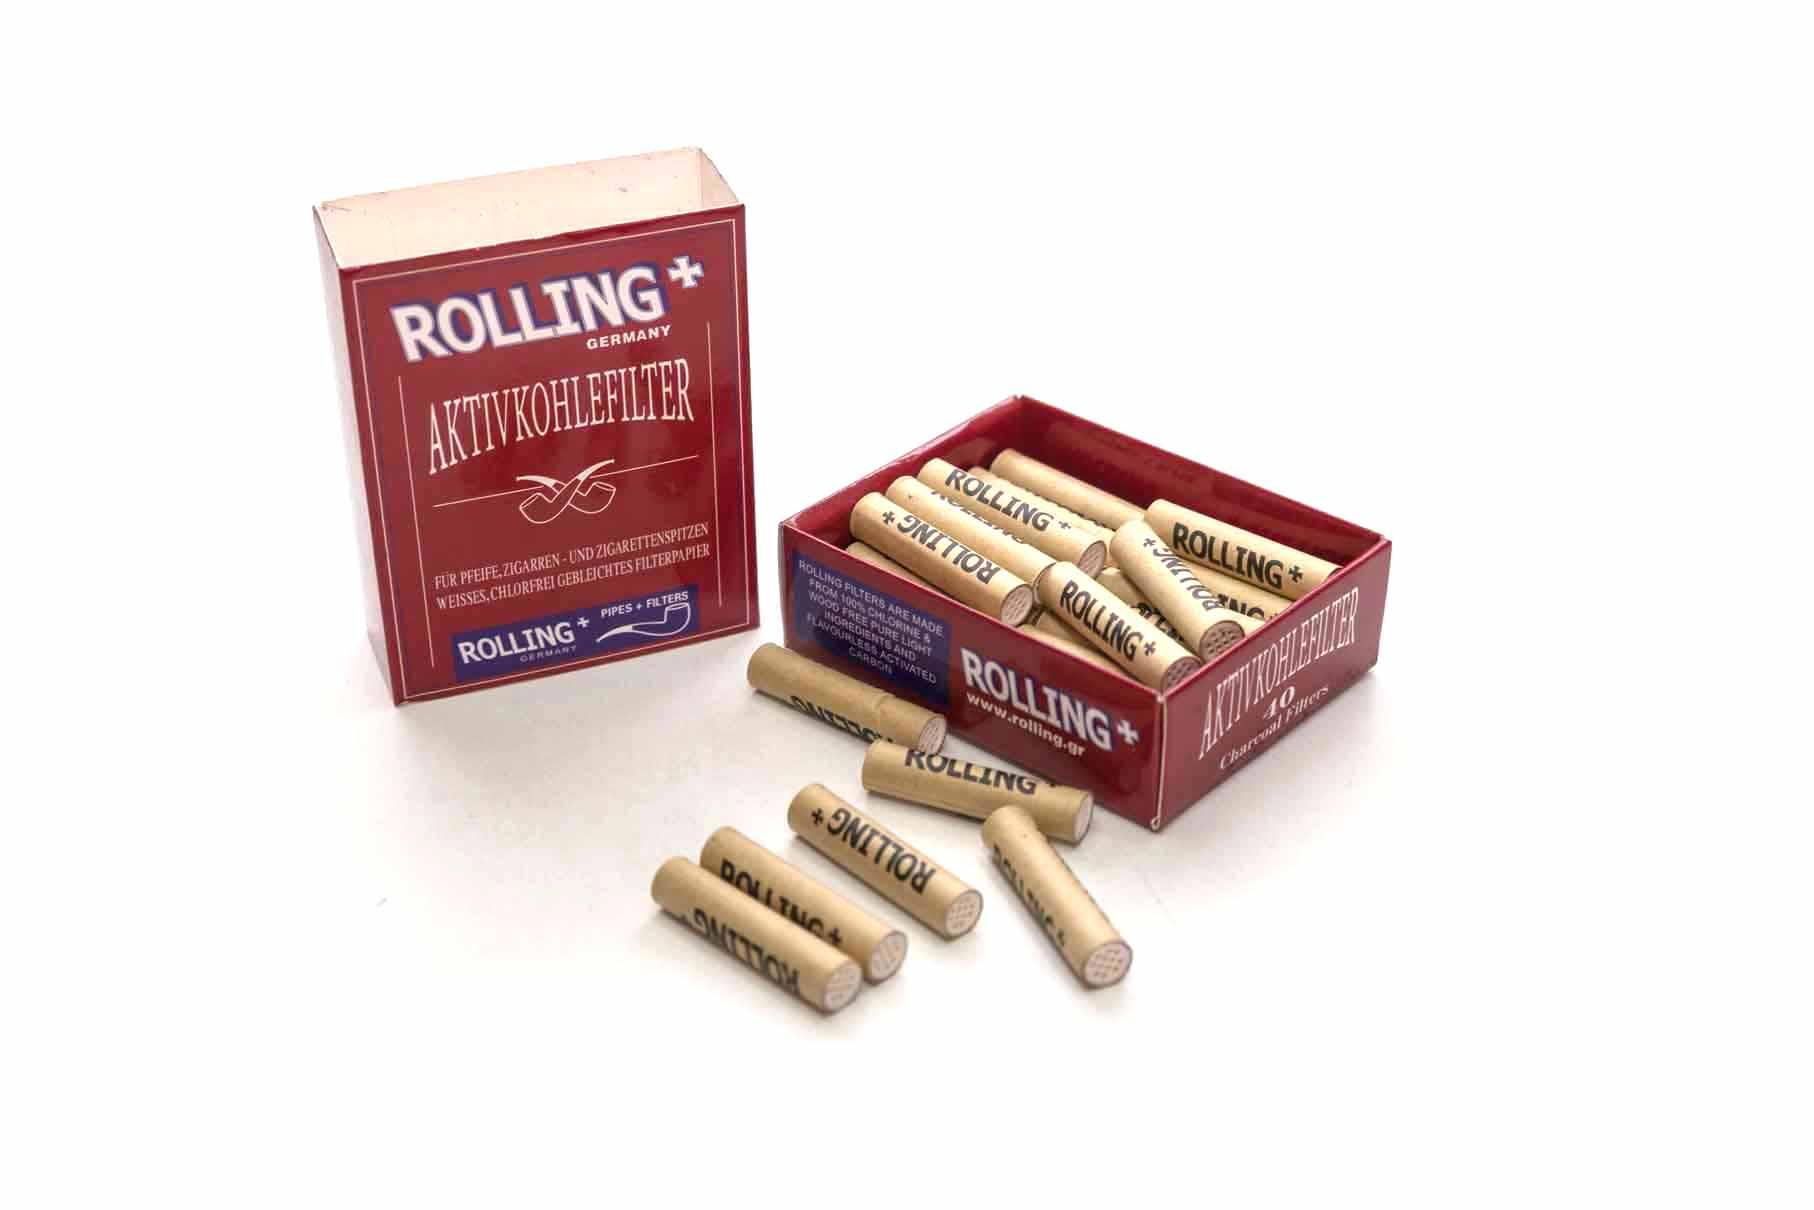 Pipfilter Rolling Aktivt kol 9mm. 40 st